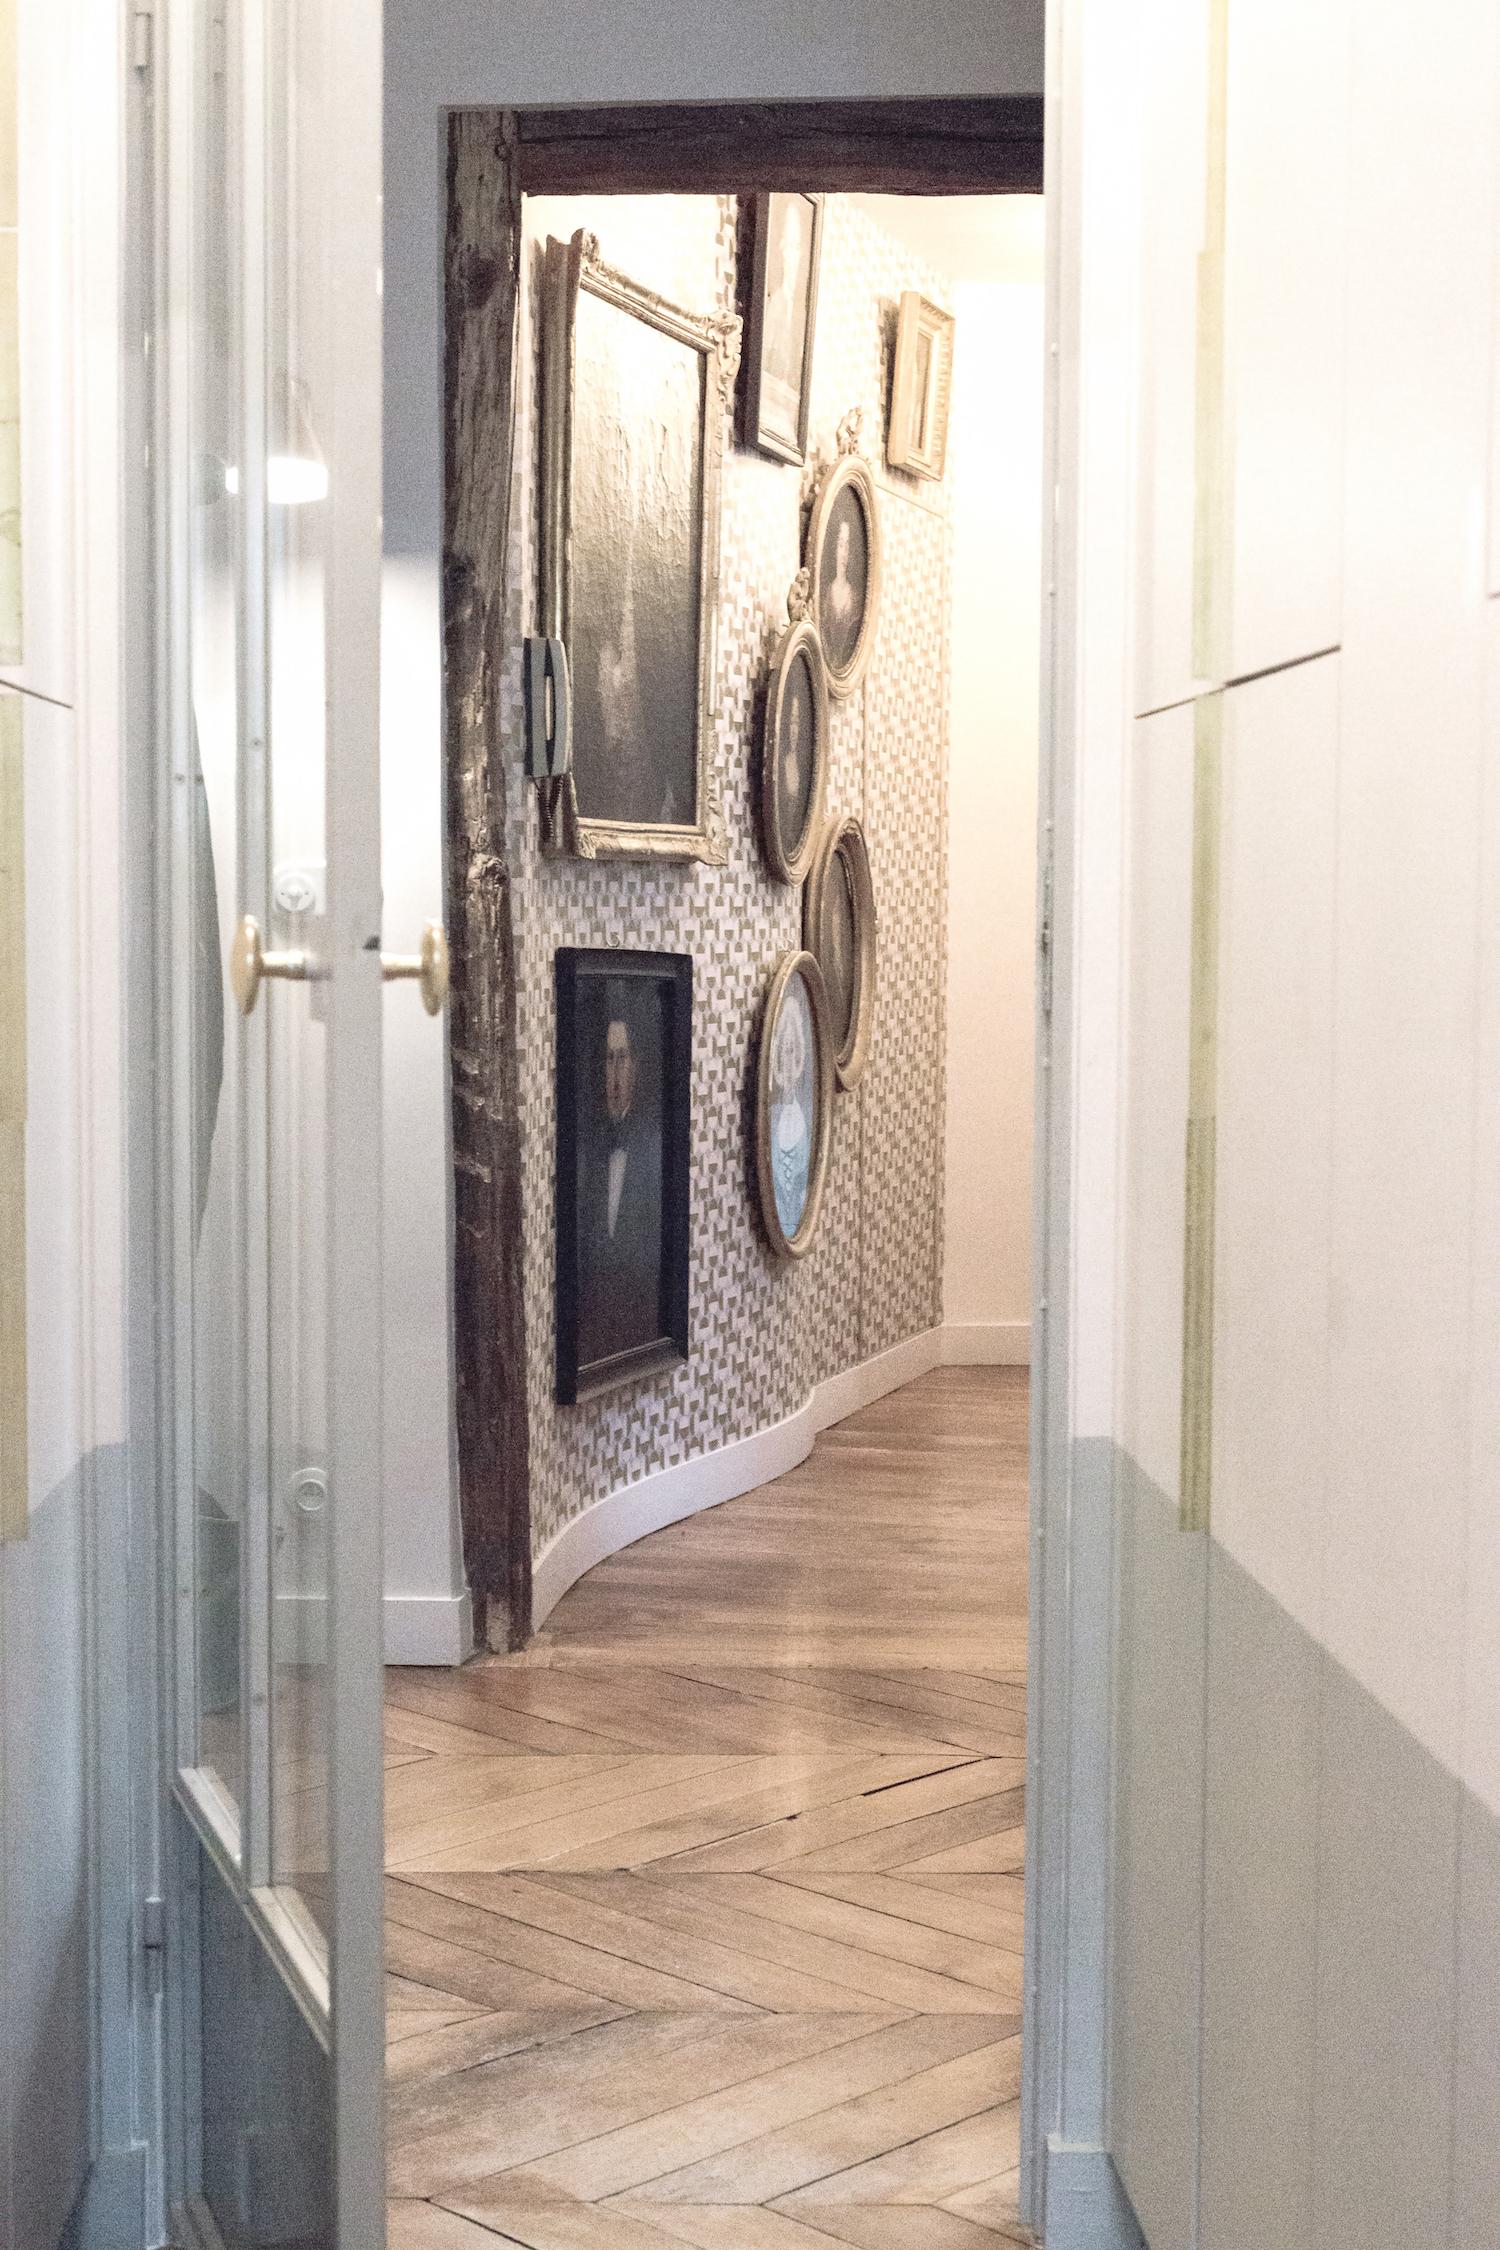 - L'histoire débute lorsque pour la première fois en 2006 la Maison Caumont est invitée à exposer au salon Maison&Objet.Après un premier acte convainquant , la créatrice décide de s'investir pleinement dans cette aventure. Imaginant, les nouveaux espaces de vie, de travail et les objets du quotidien accordés sur les histoires de vie et les symboles à la manière de madeleines de Proust. Réussissant le pari d'un design original, humain et accessible.